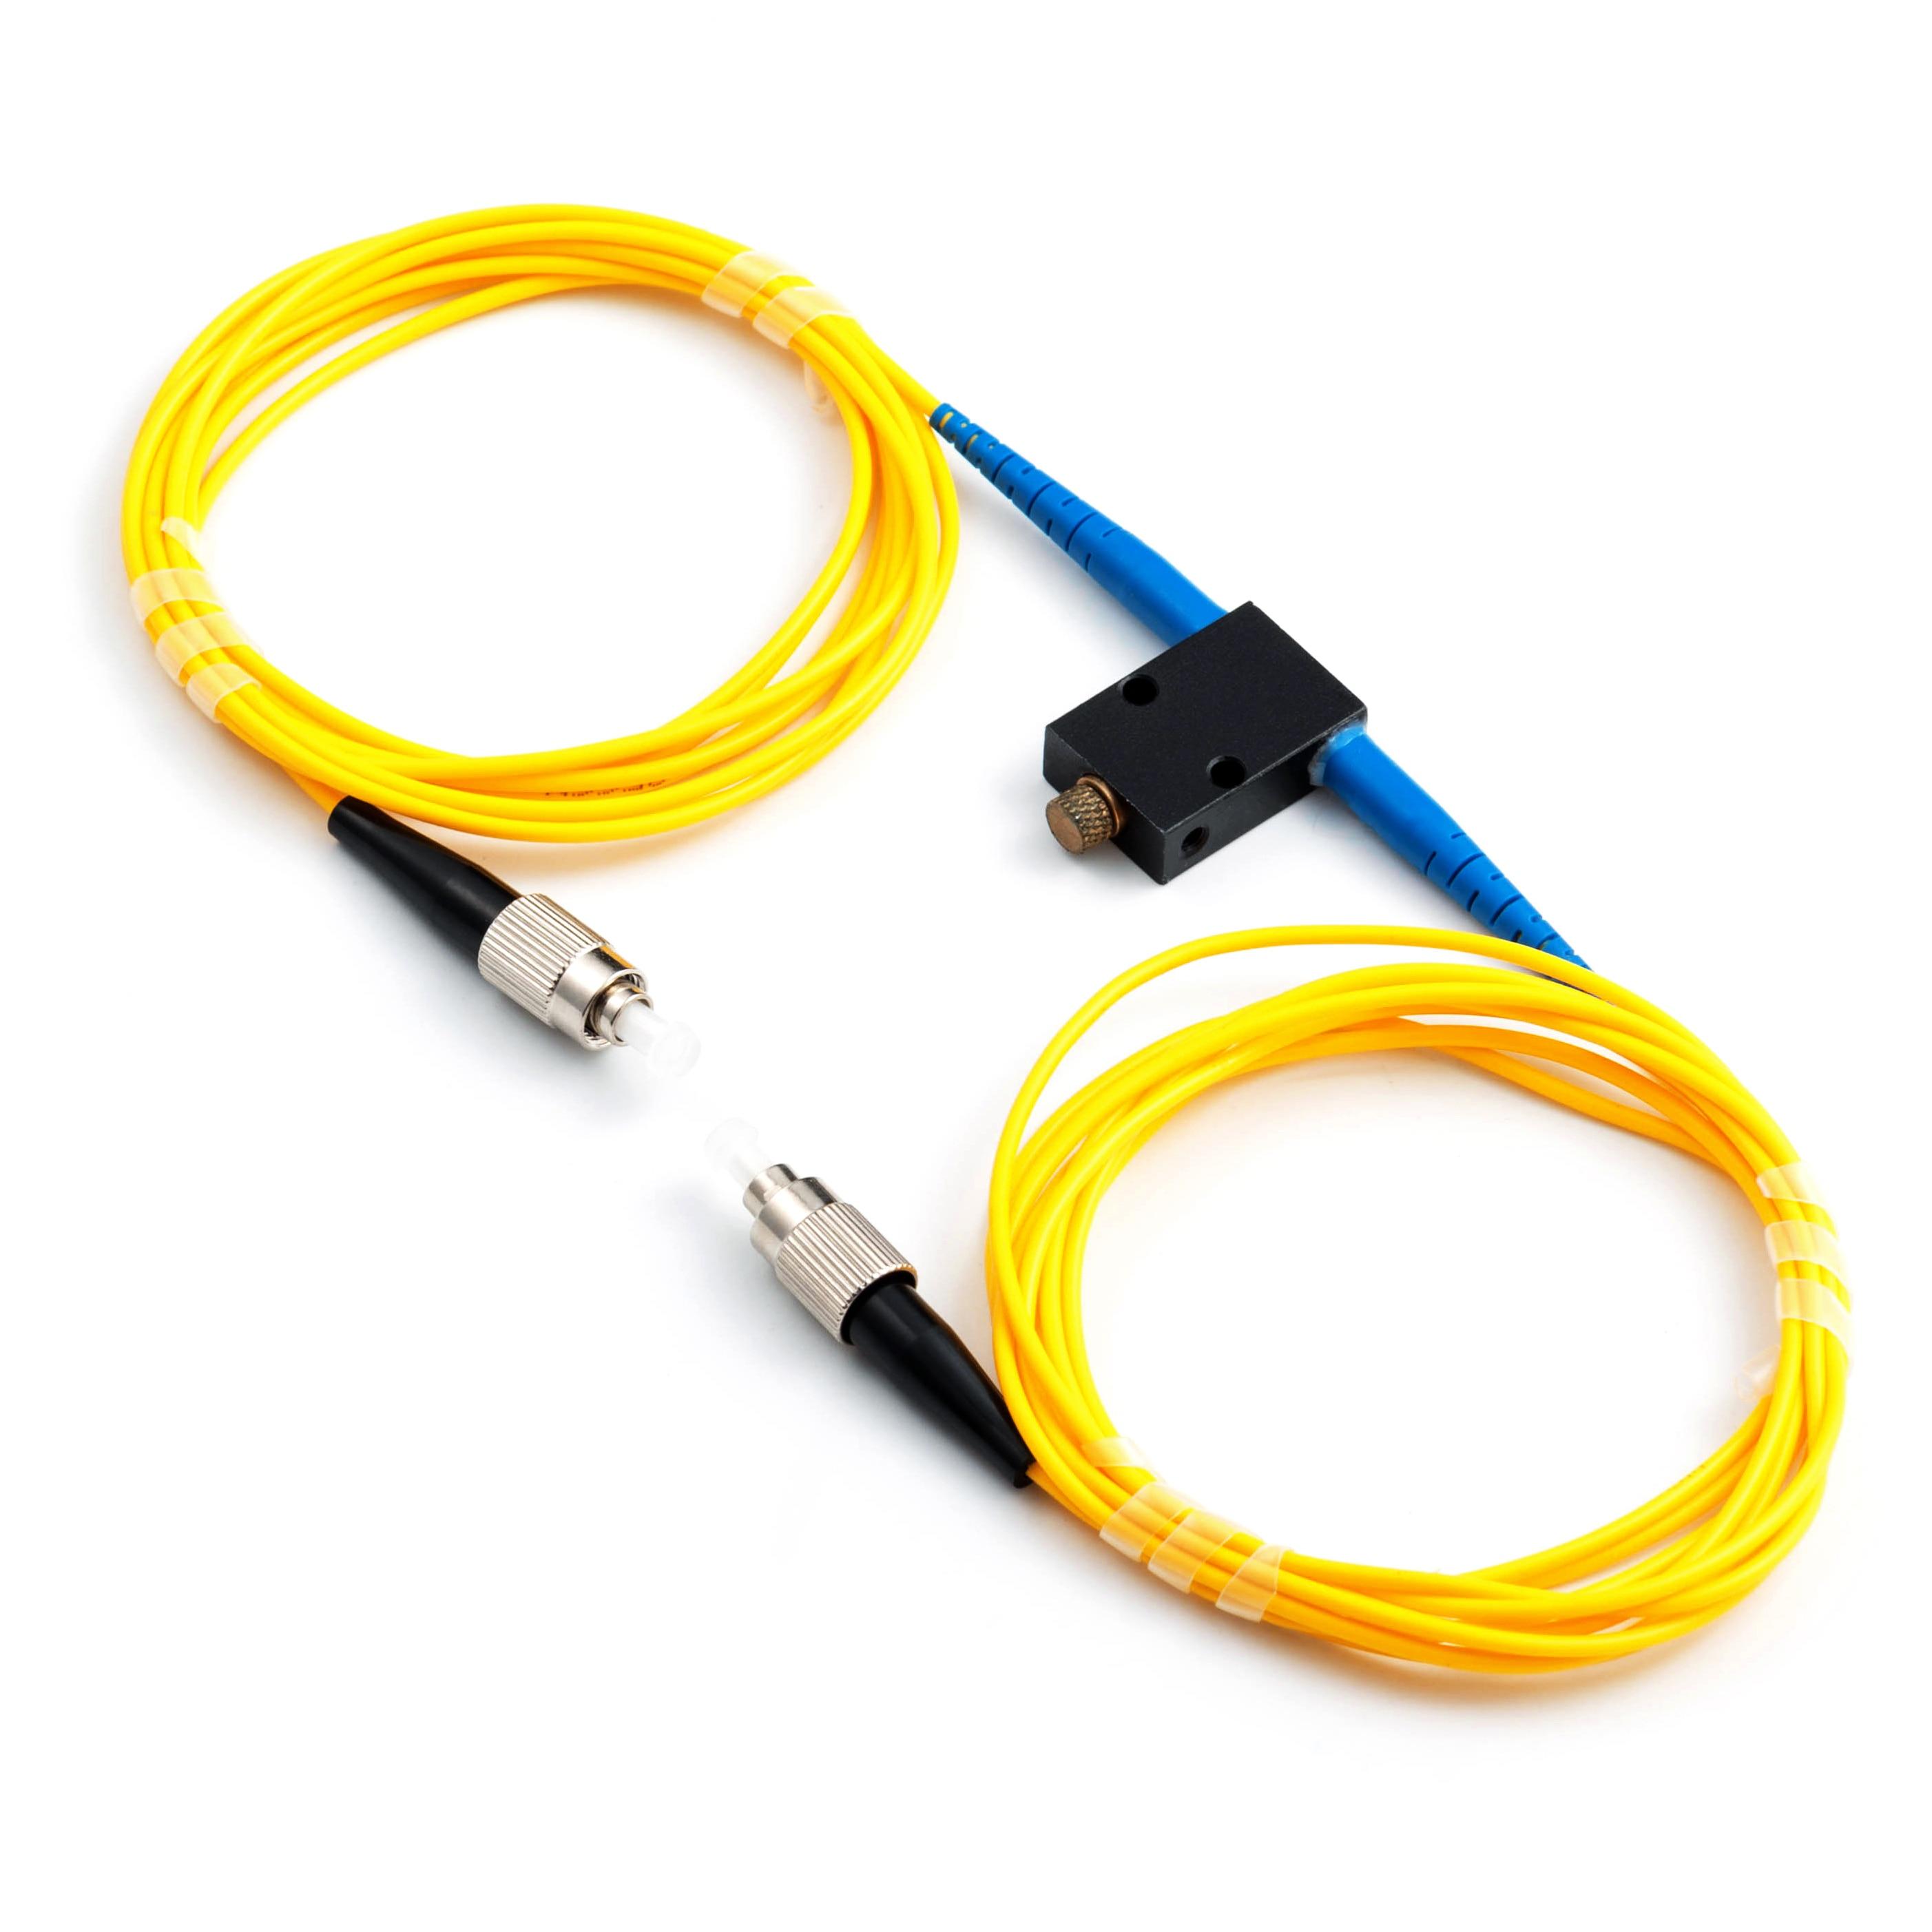 Atenuador ajustable FC /UPCFiber 0-60dB en línea, mecánica, variable en línea, atenuador óptico tipo en línea